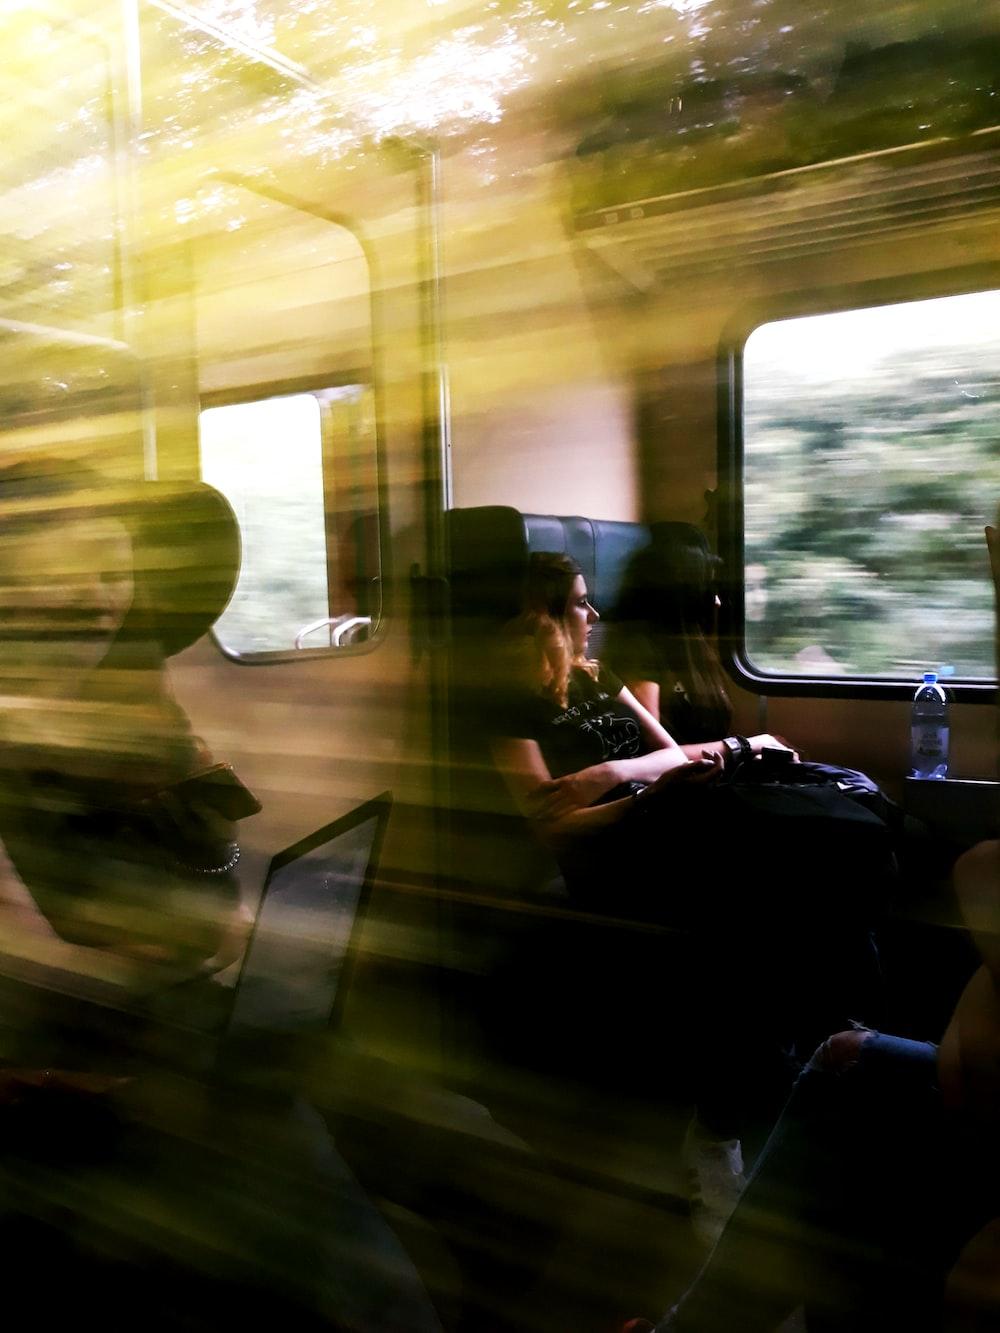 two women inside train